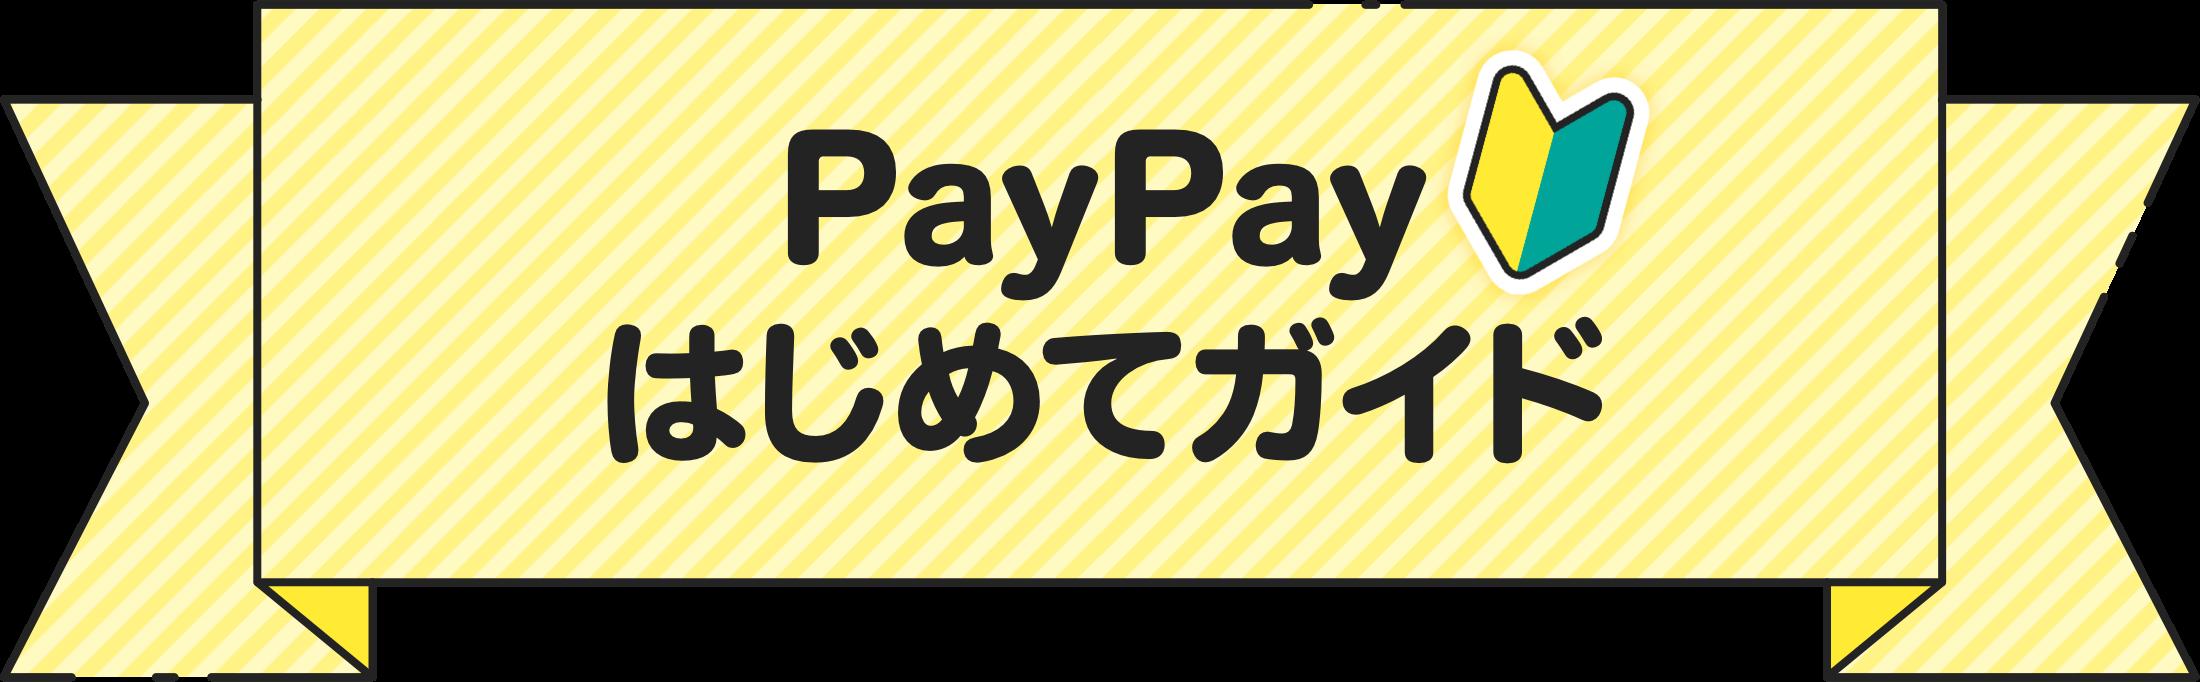 PayPayはじめてガイド